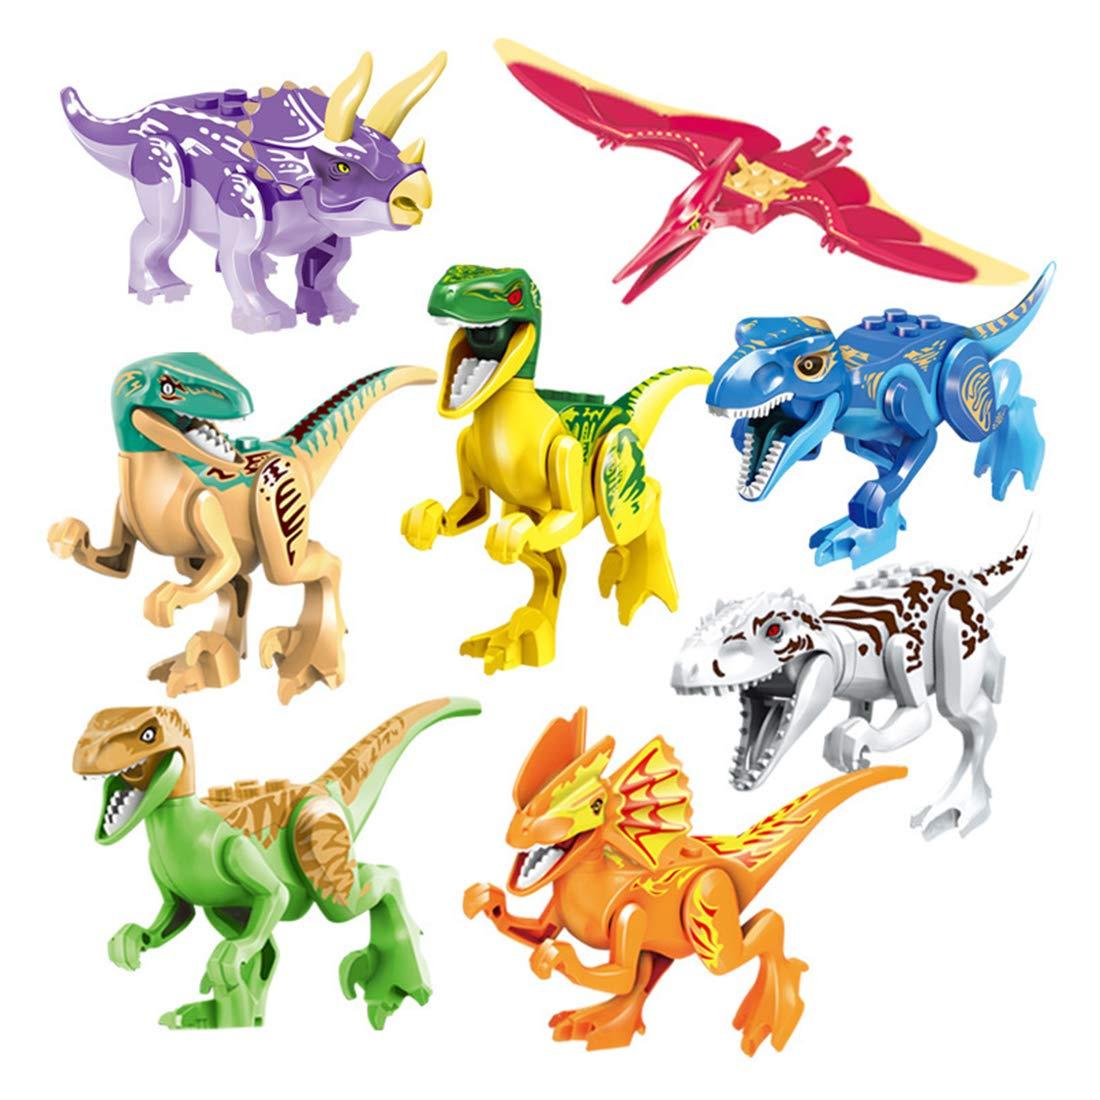 15000P 8St. 3D Puzzle Spielzeug Dinosaurier Figuren Jurassic World Bausteine Adventskalender Inhalt für Kinder